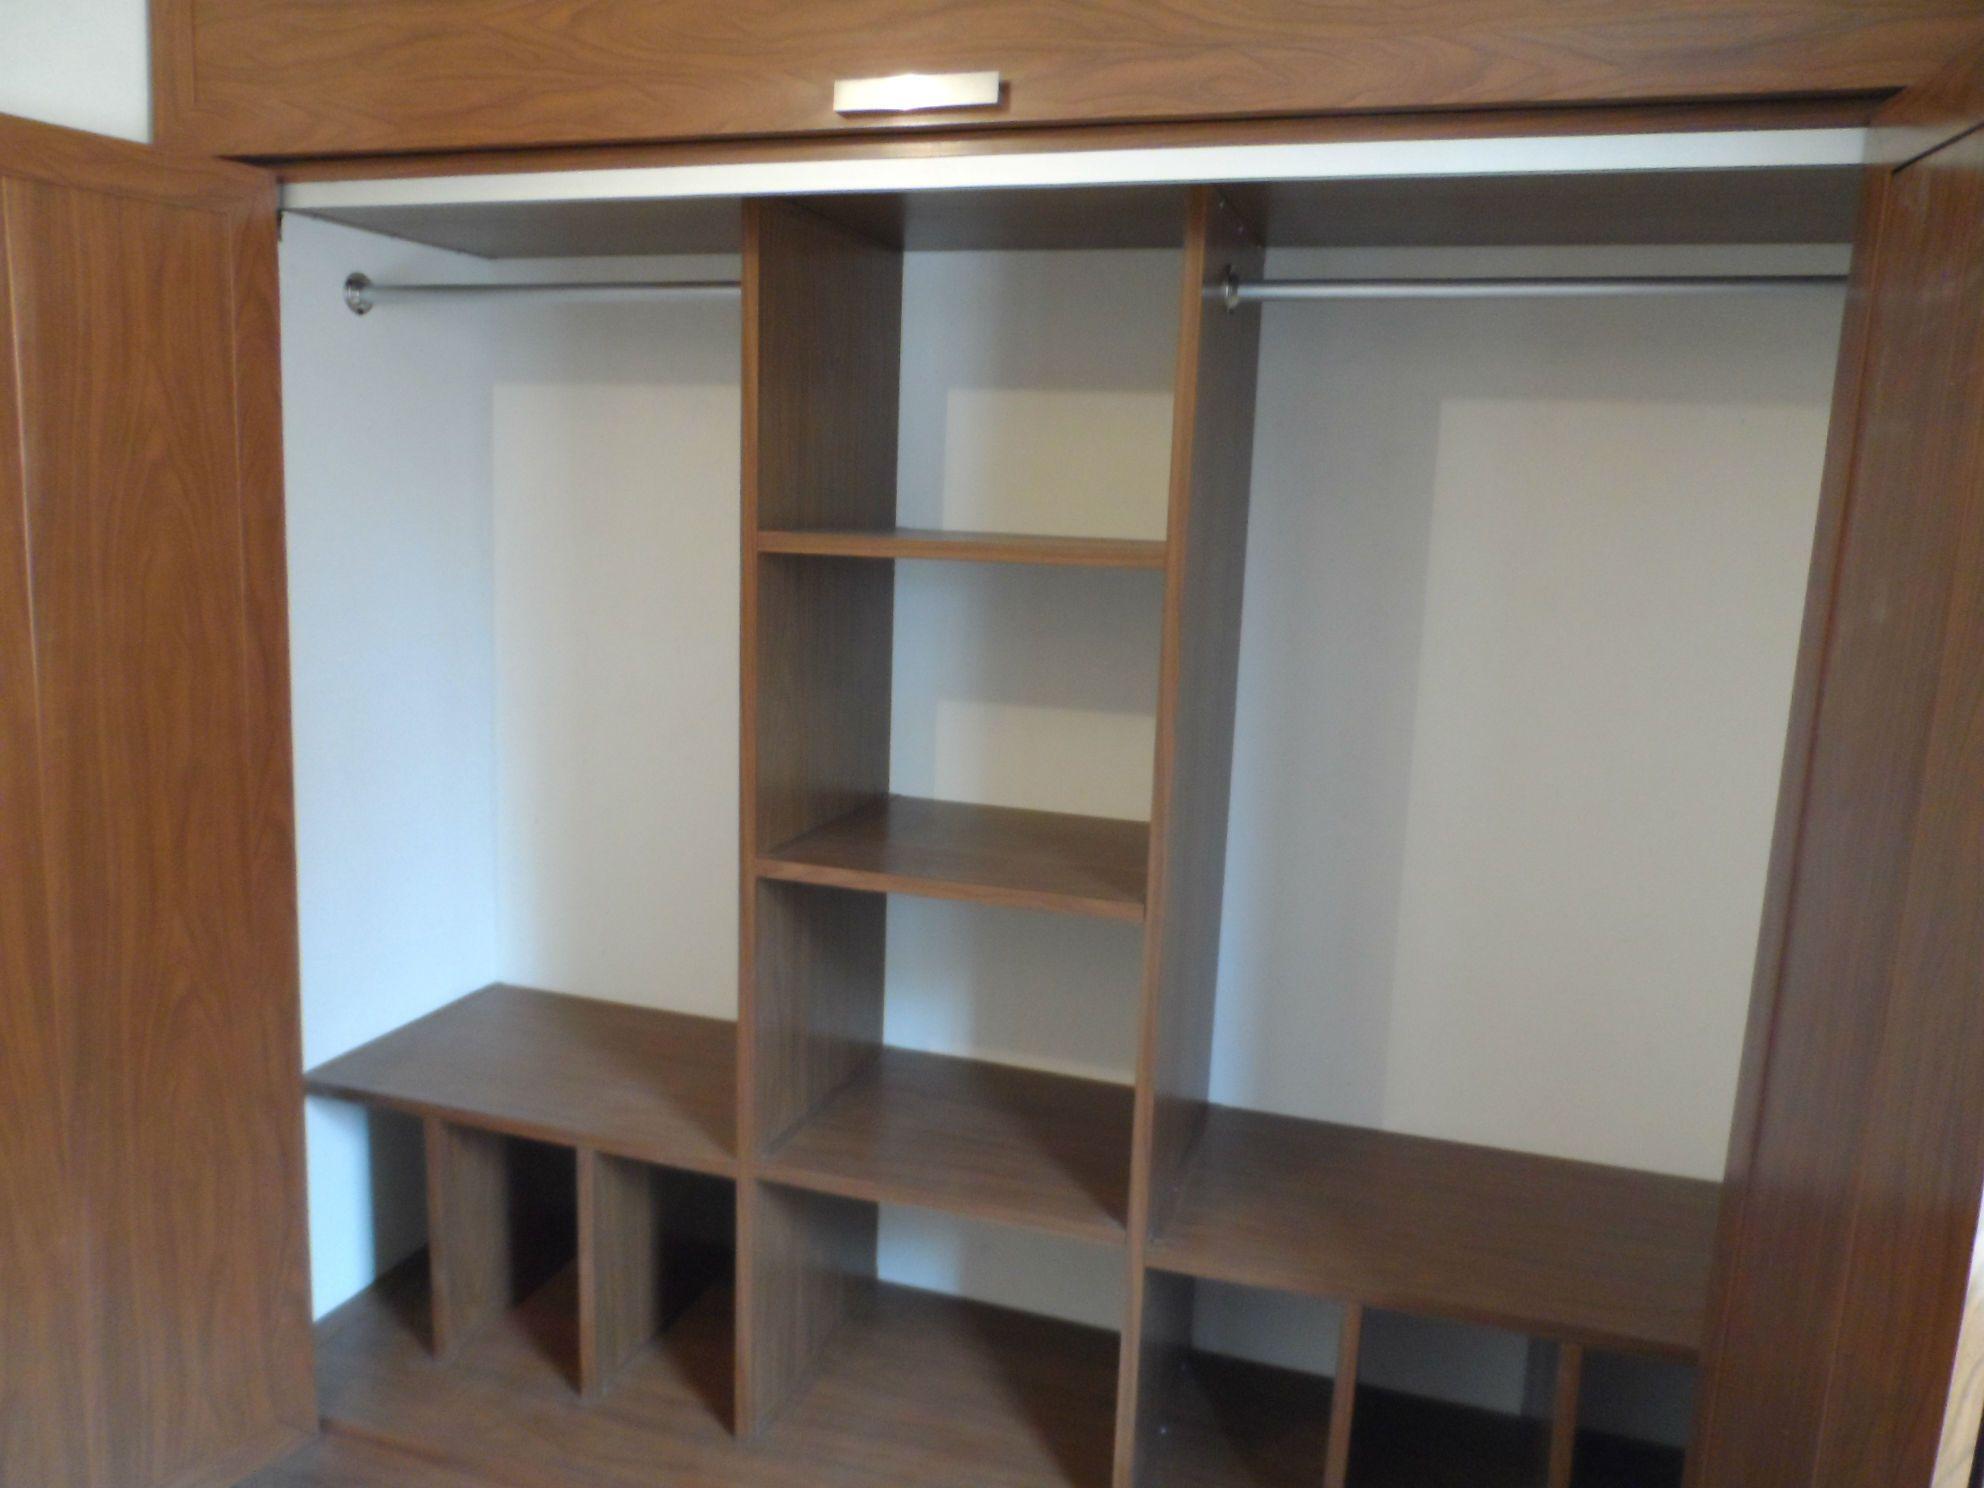 M s de 25 ideas incre bles sobre closet sencillos en for Disenos de closets sencillos